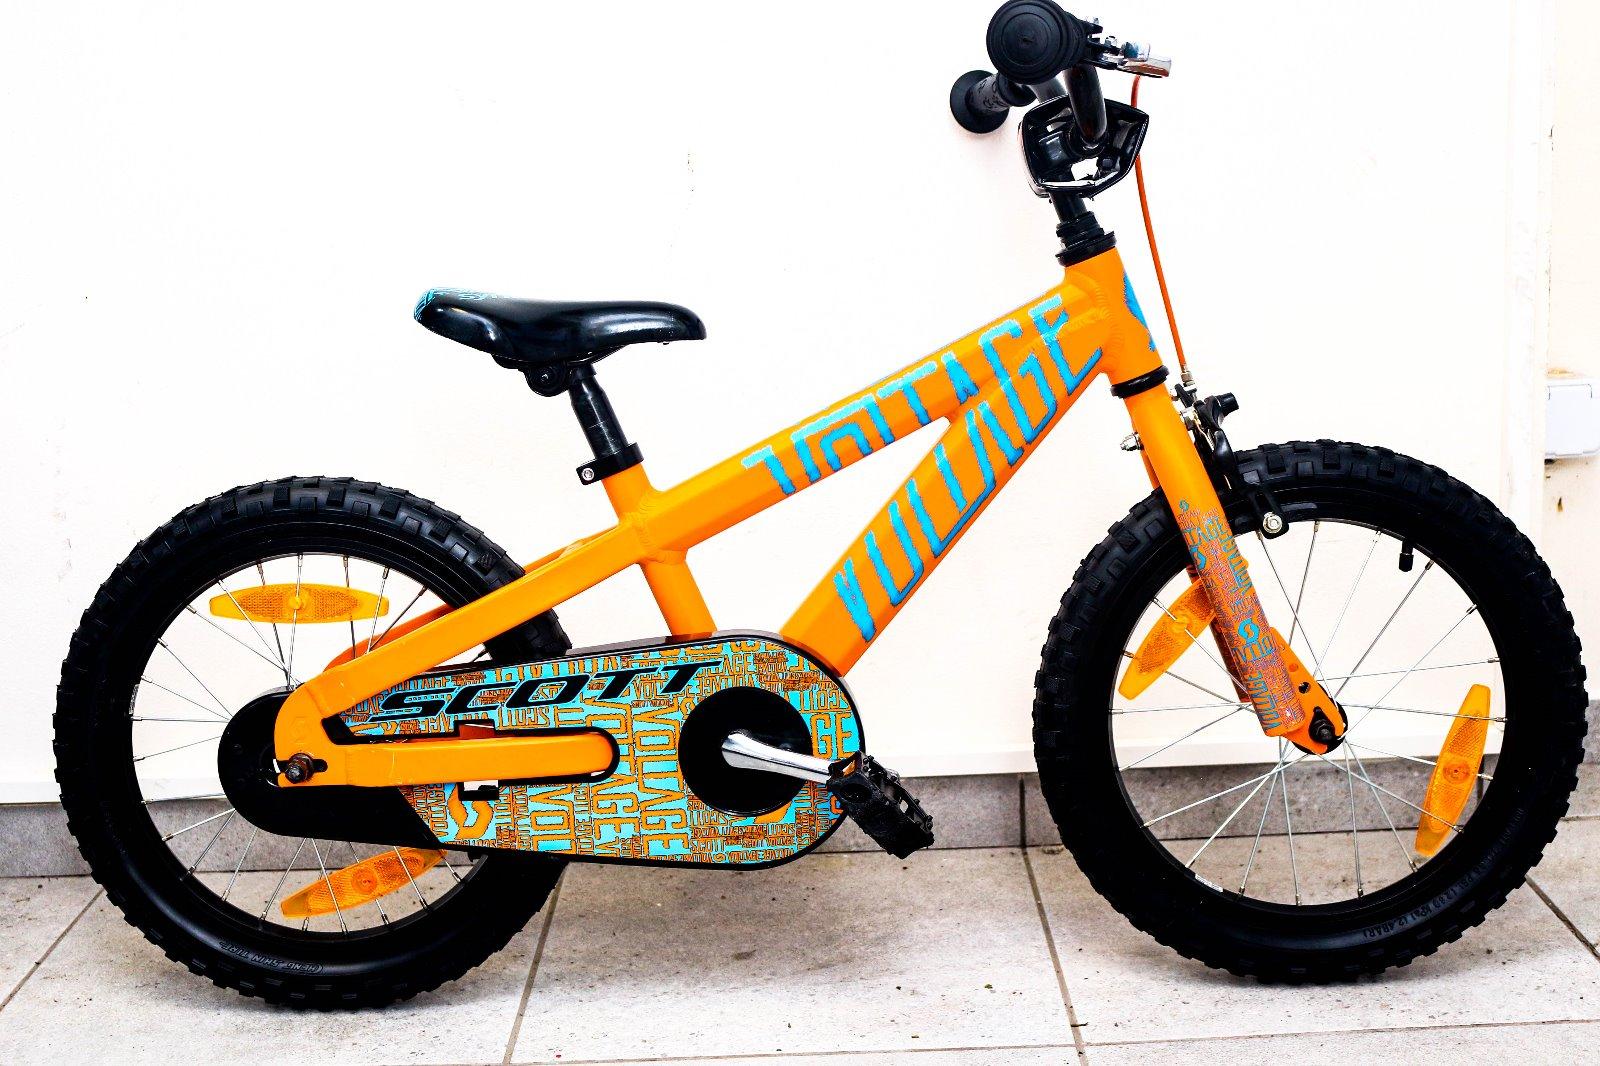 bbbaa4fc932ee Predám detský bicykel scott 16 hliník, - 150 € od predávajúcej bajkuj |  Detský bazár | ModryKonik.sk